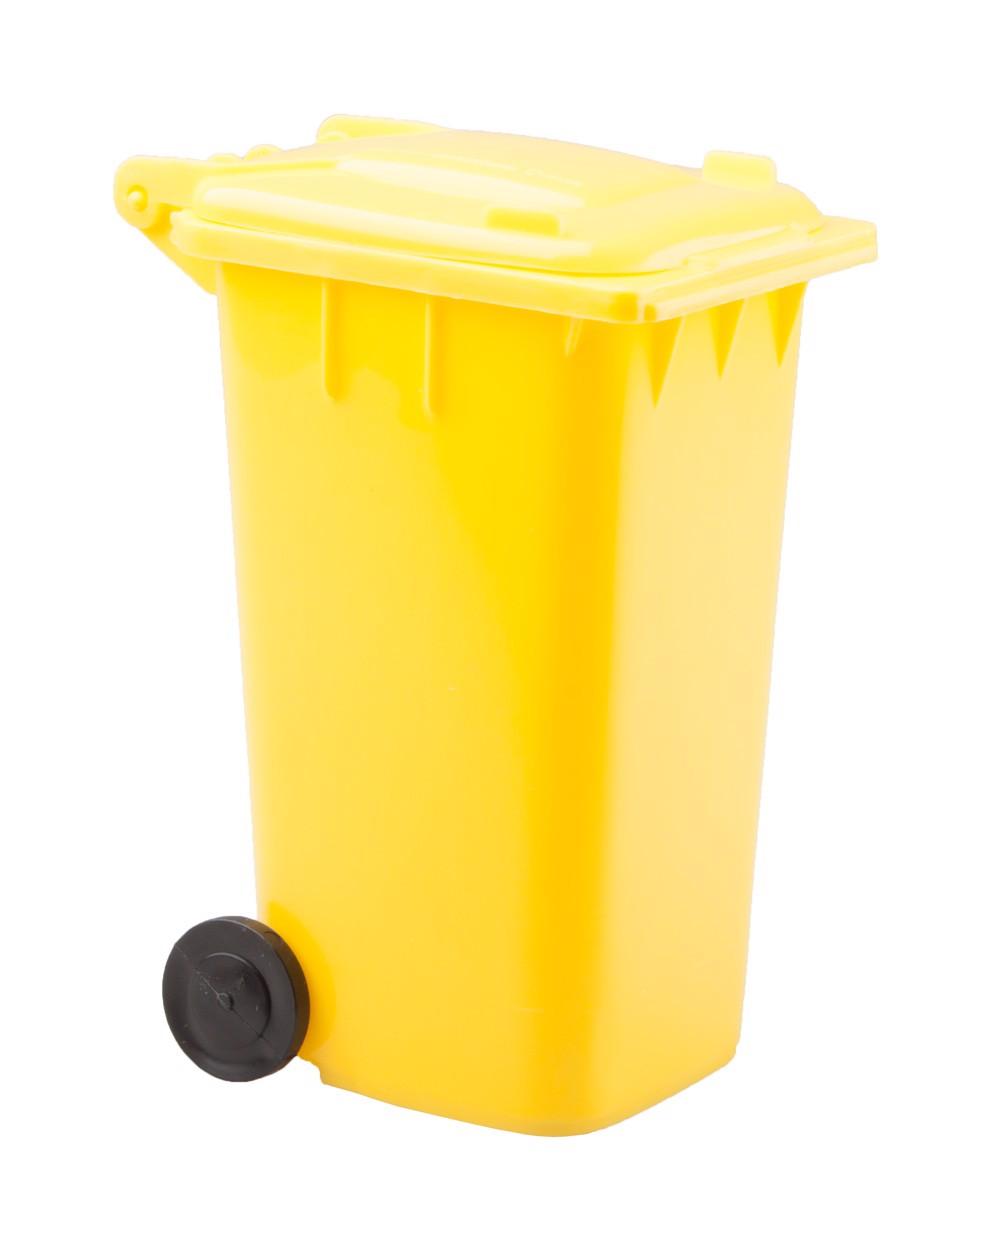 Stojan Na Psací Potřeby Dustbin - Žlutá